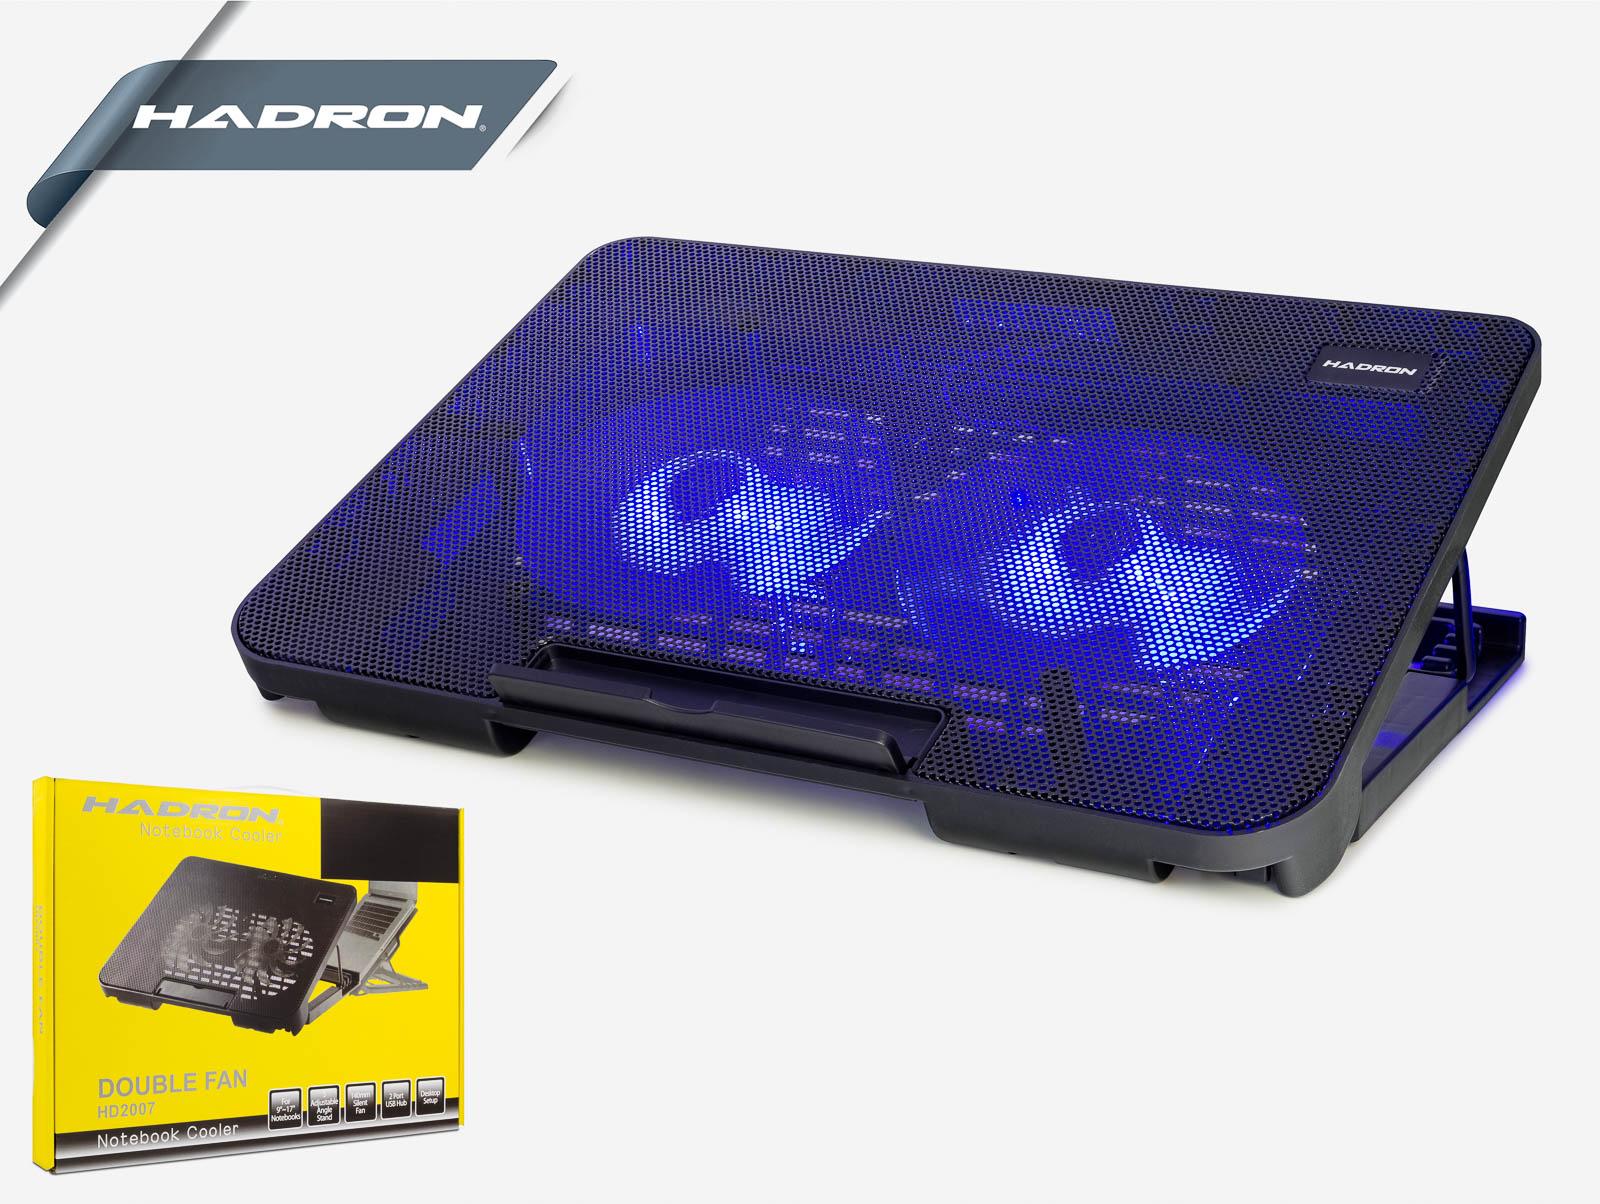 Hadron Hd2007 Notebook Soğutucu Ledli 2 Fanlı